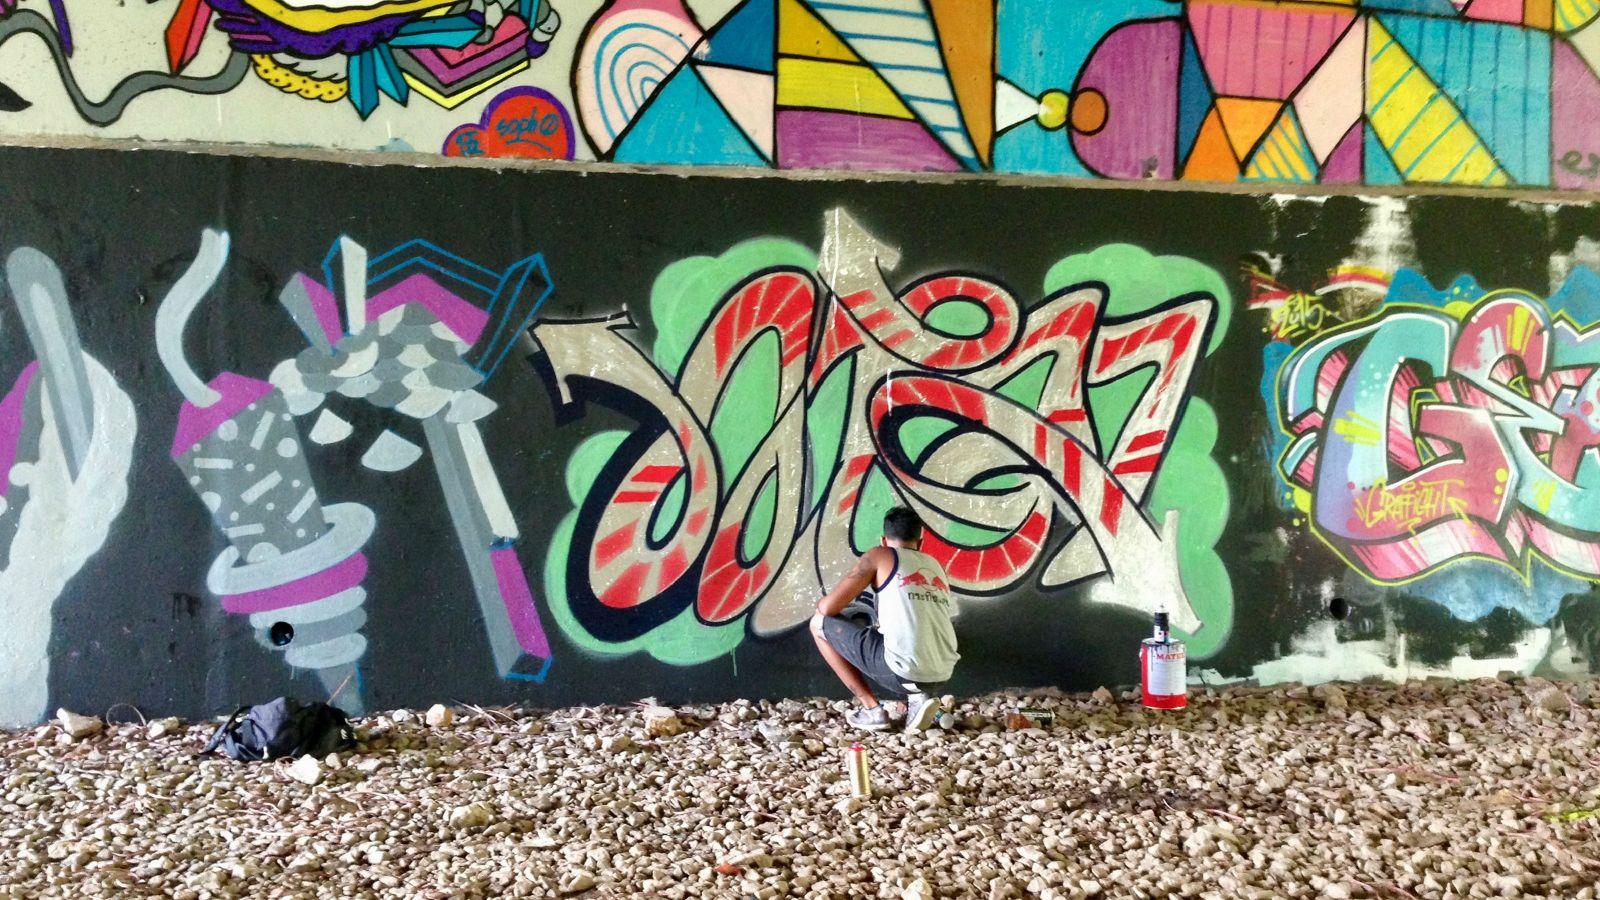 Image of a wall of graffiti.